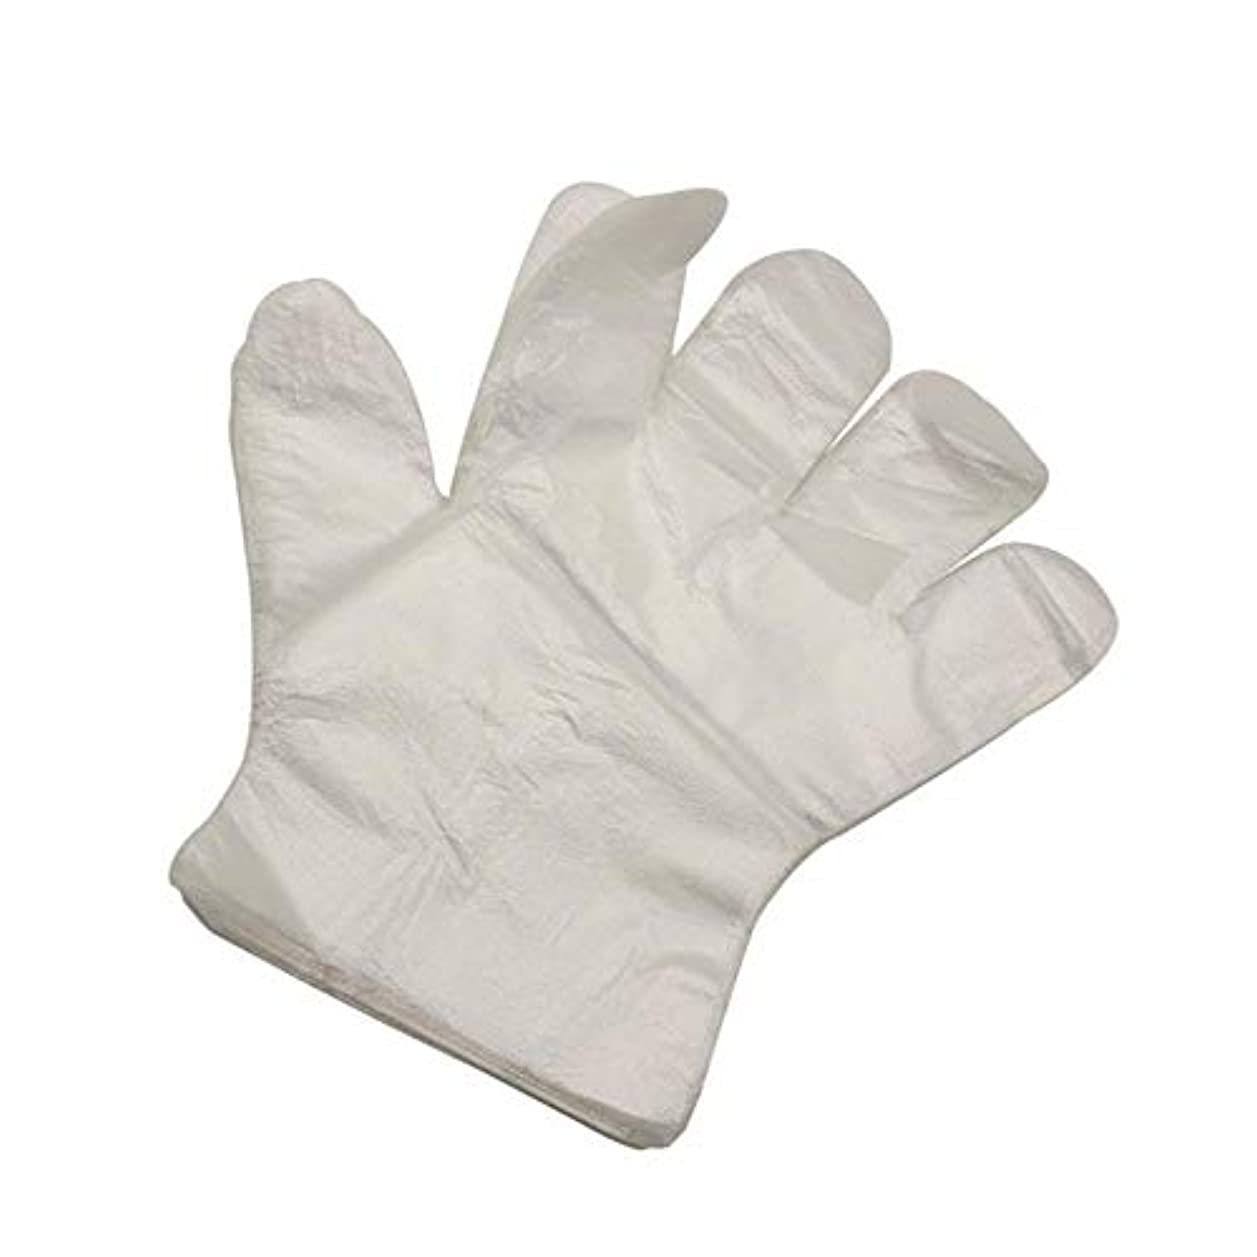 容疑者オンスタイムリーな使い捨て手袋 極薄ビニール手袋 調理 透明 実用 衛生 左右両手が使える 家、レストラン、掃除、木工に使用することができます (1000)